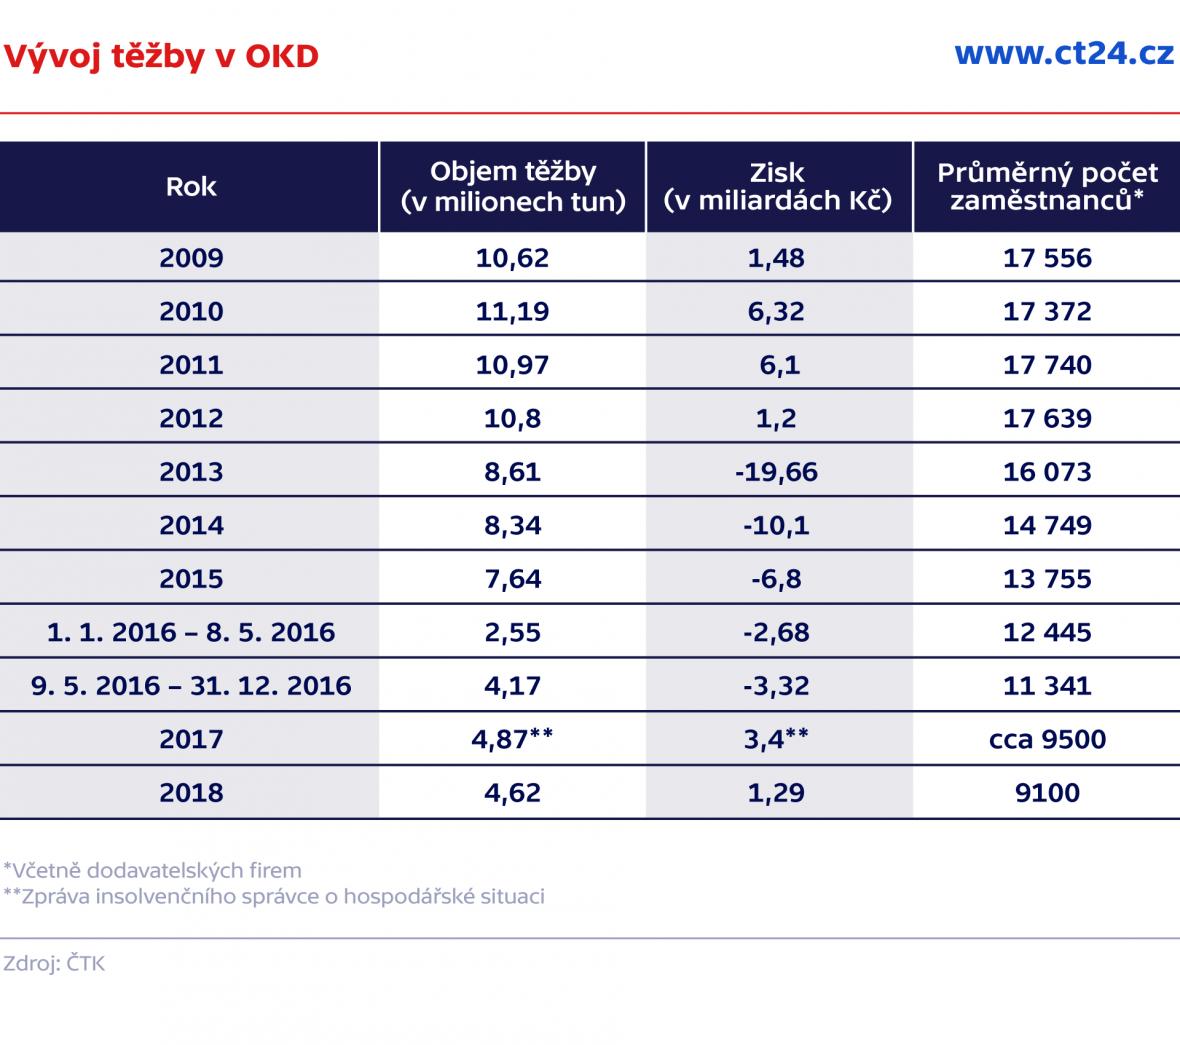 Vývoj těžby v OKD